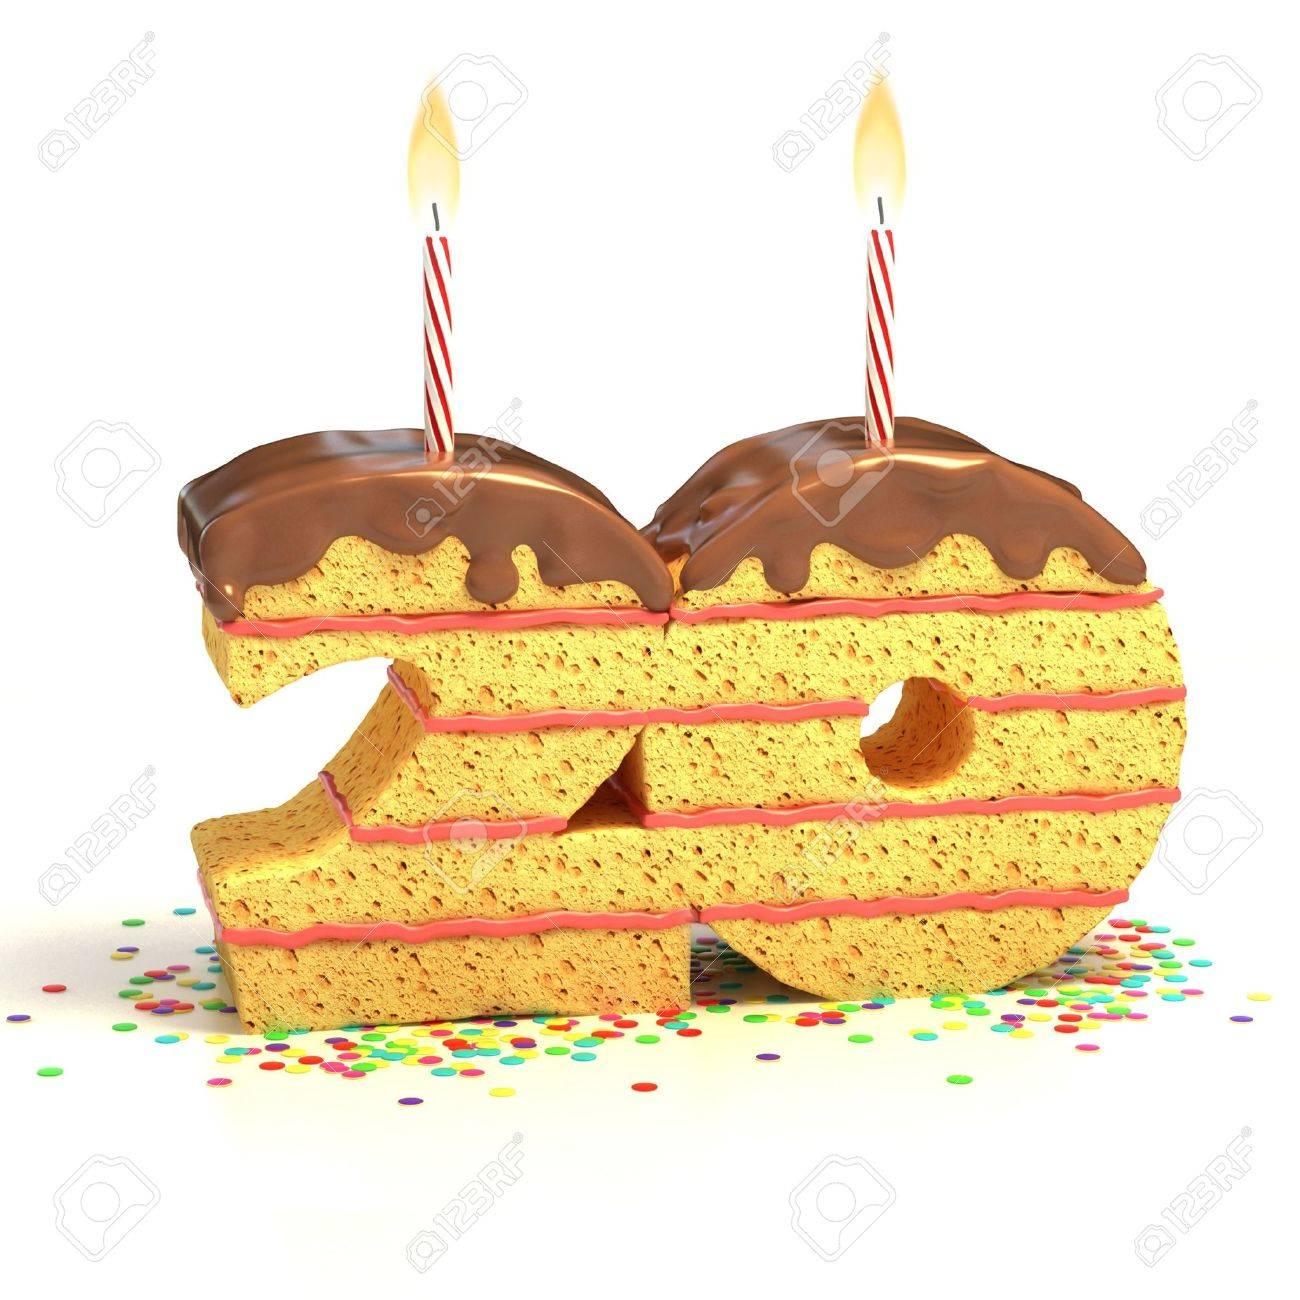 Chocolate Birthday Cake Von Konfetti Umgeben Mit Brennenden Kerze Fur Einen 20 Geburtstag Oder Jubilaum